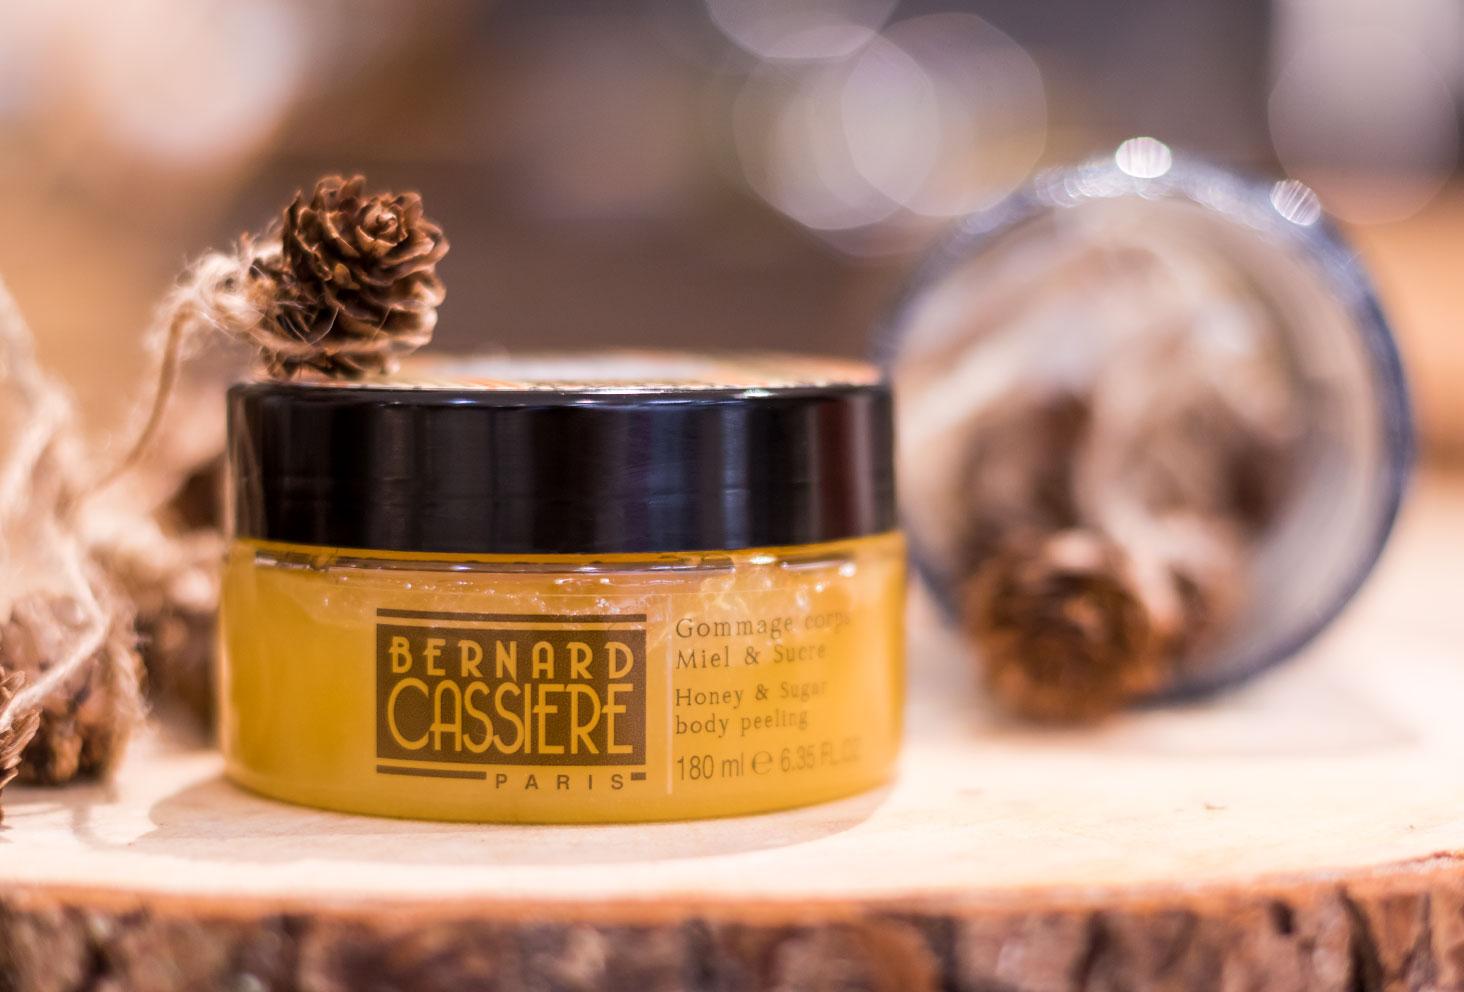 Le gommage corporel miel et sucre Frisson de Laponie de Bernard Cassière sur un décor en bois entouré de pommes de pin